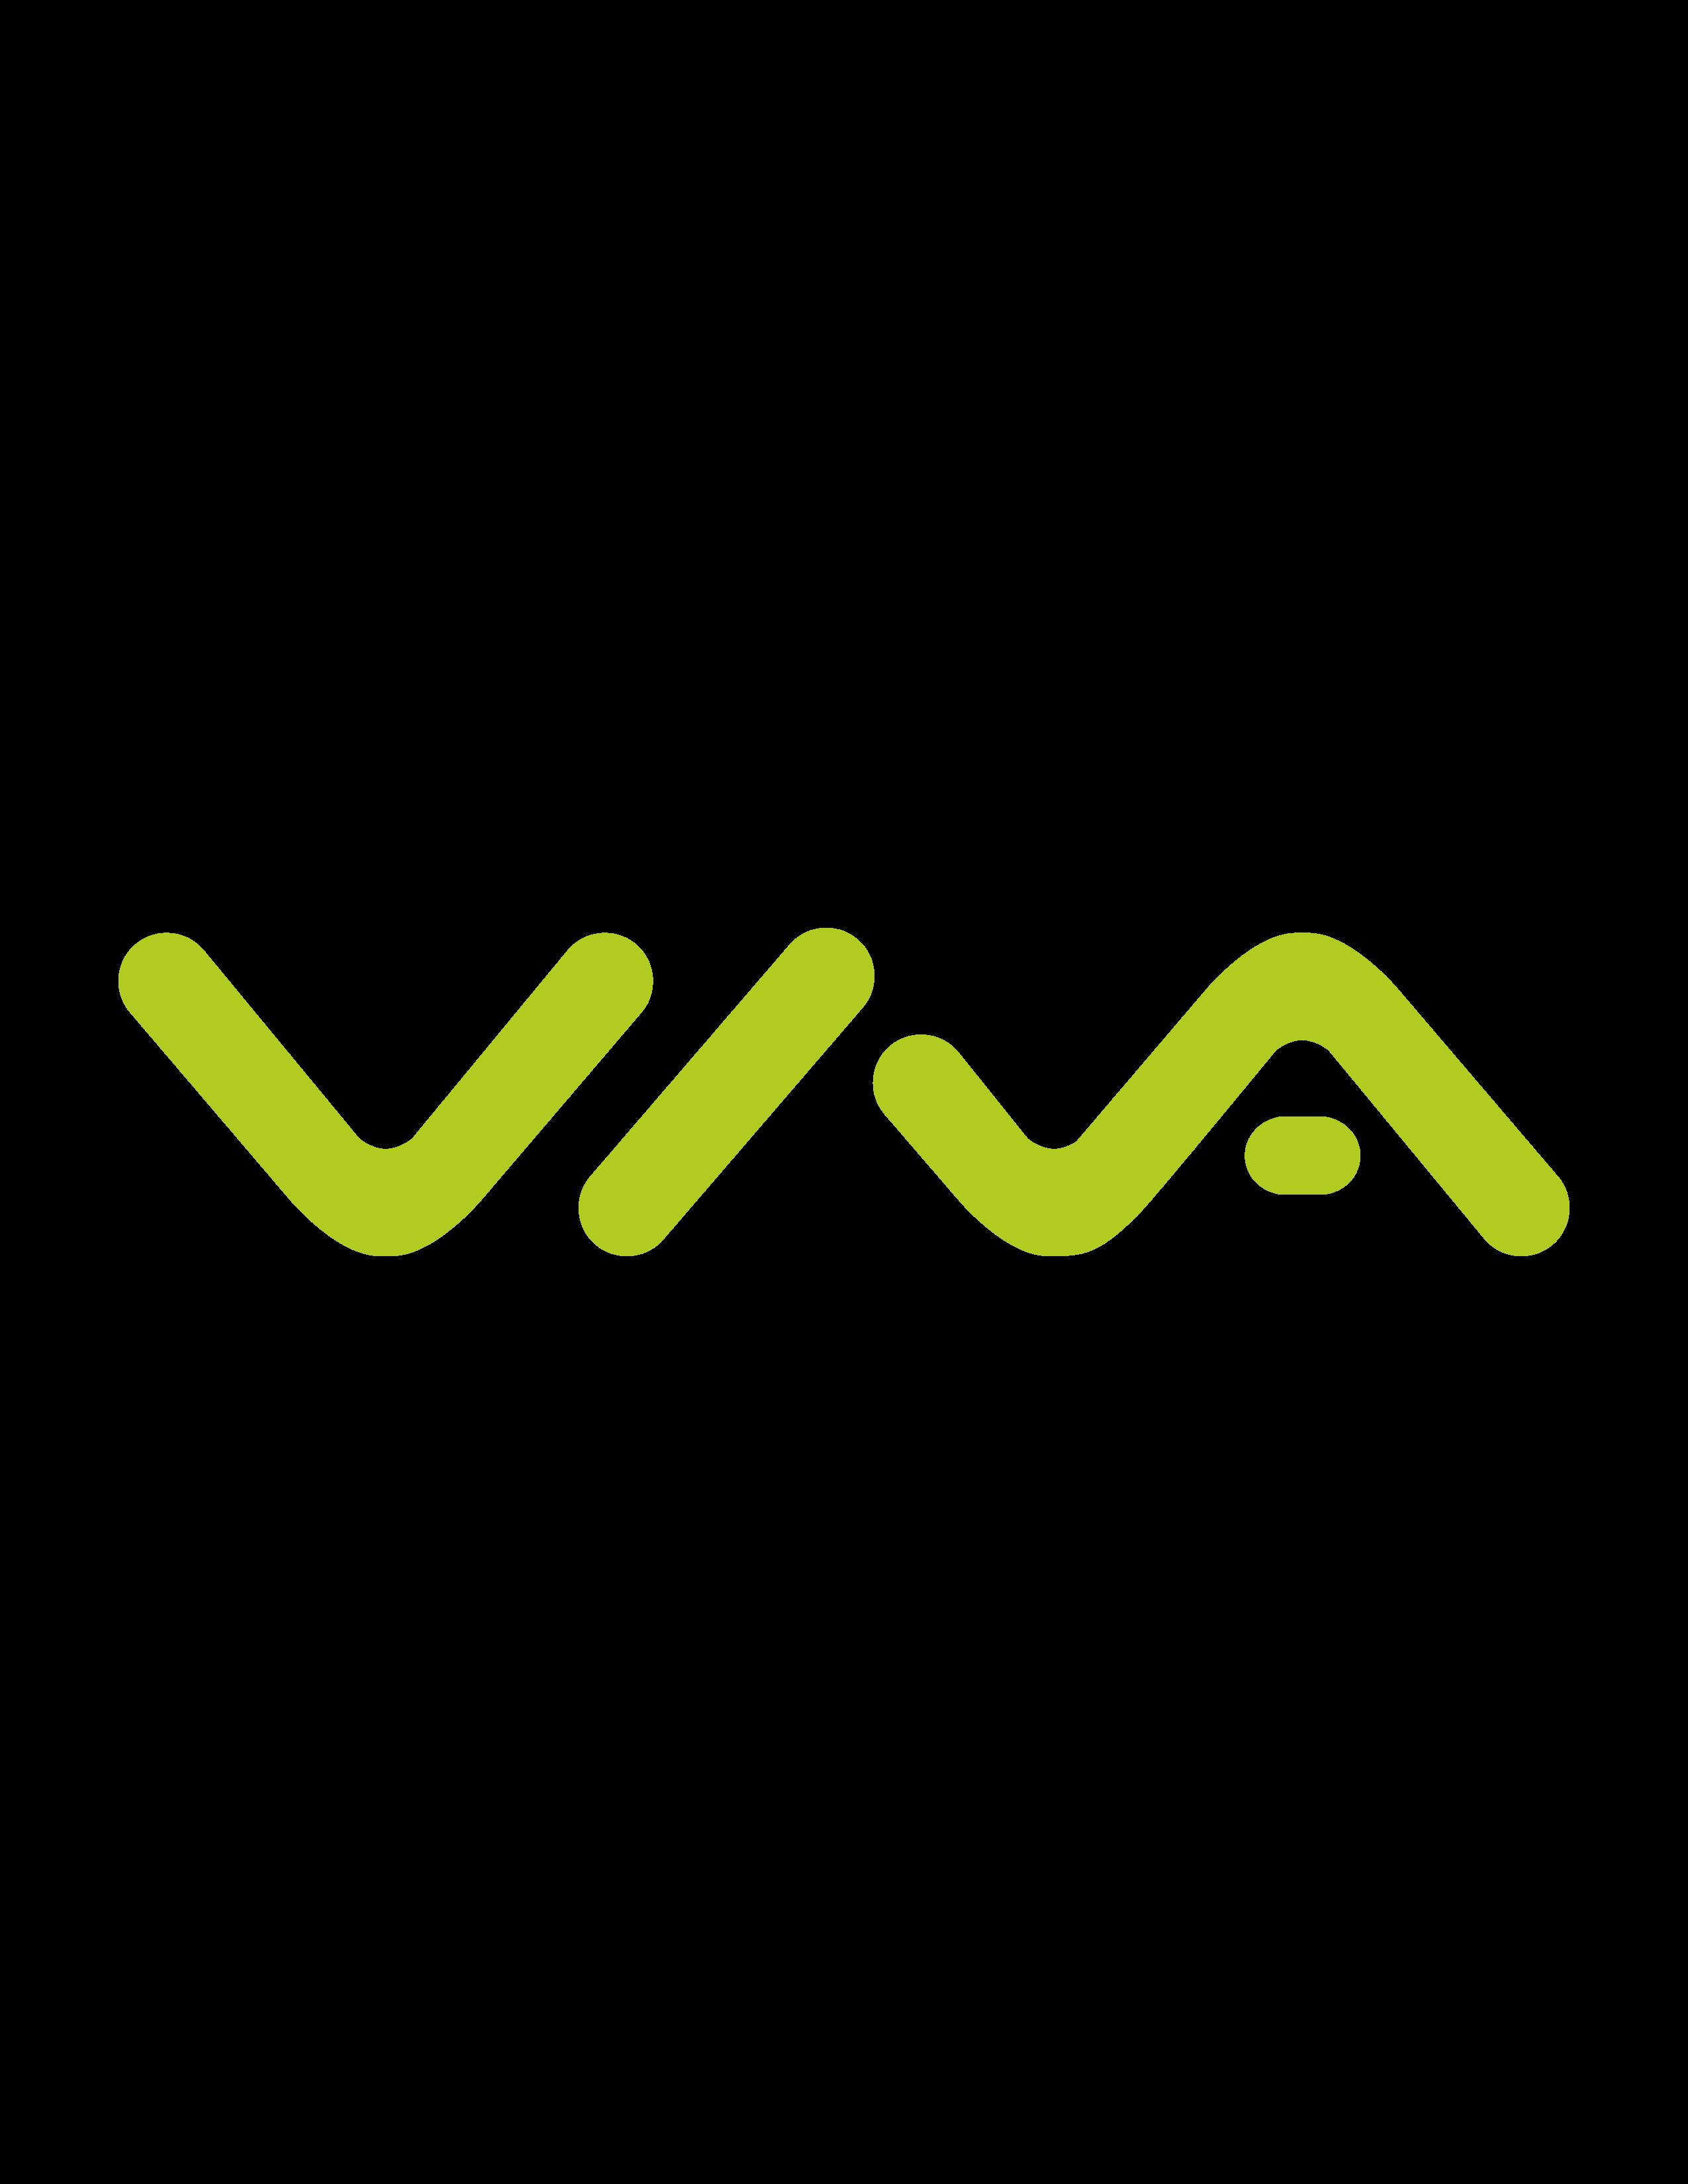 Logo Viva CMYK